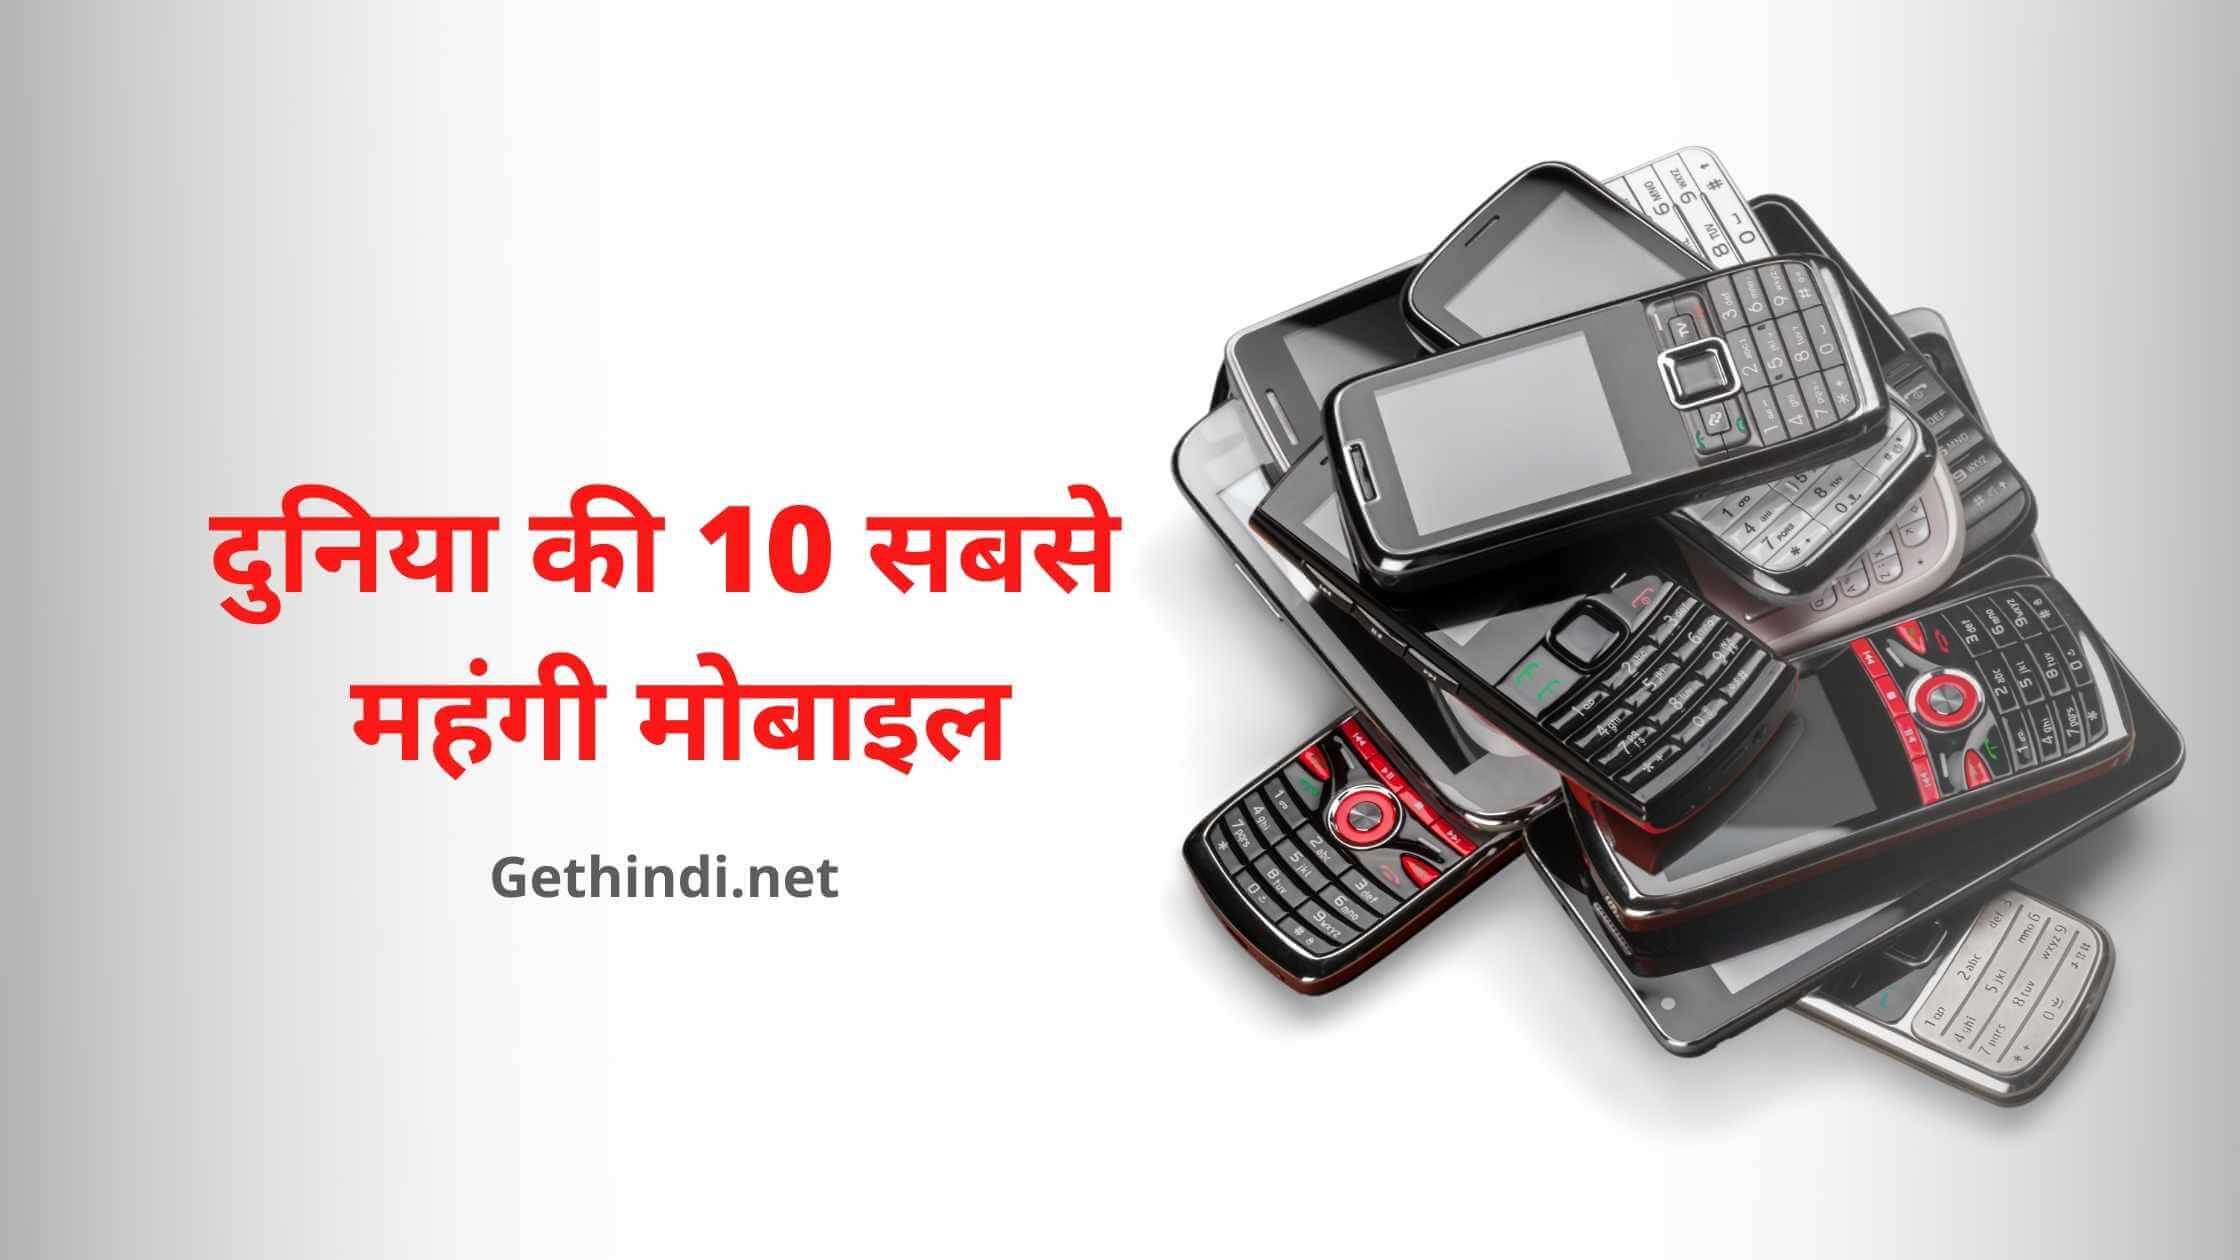 Duniya ka Sabse Mehnga Phone के बारेमें जानिए हिंदी में (New Update)